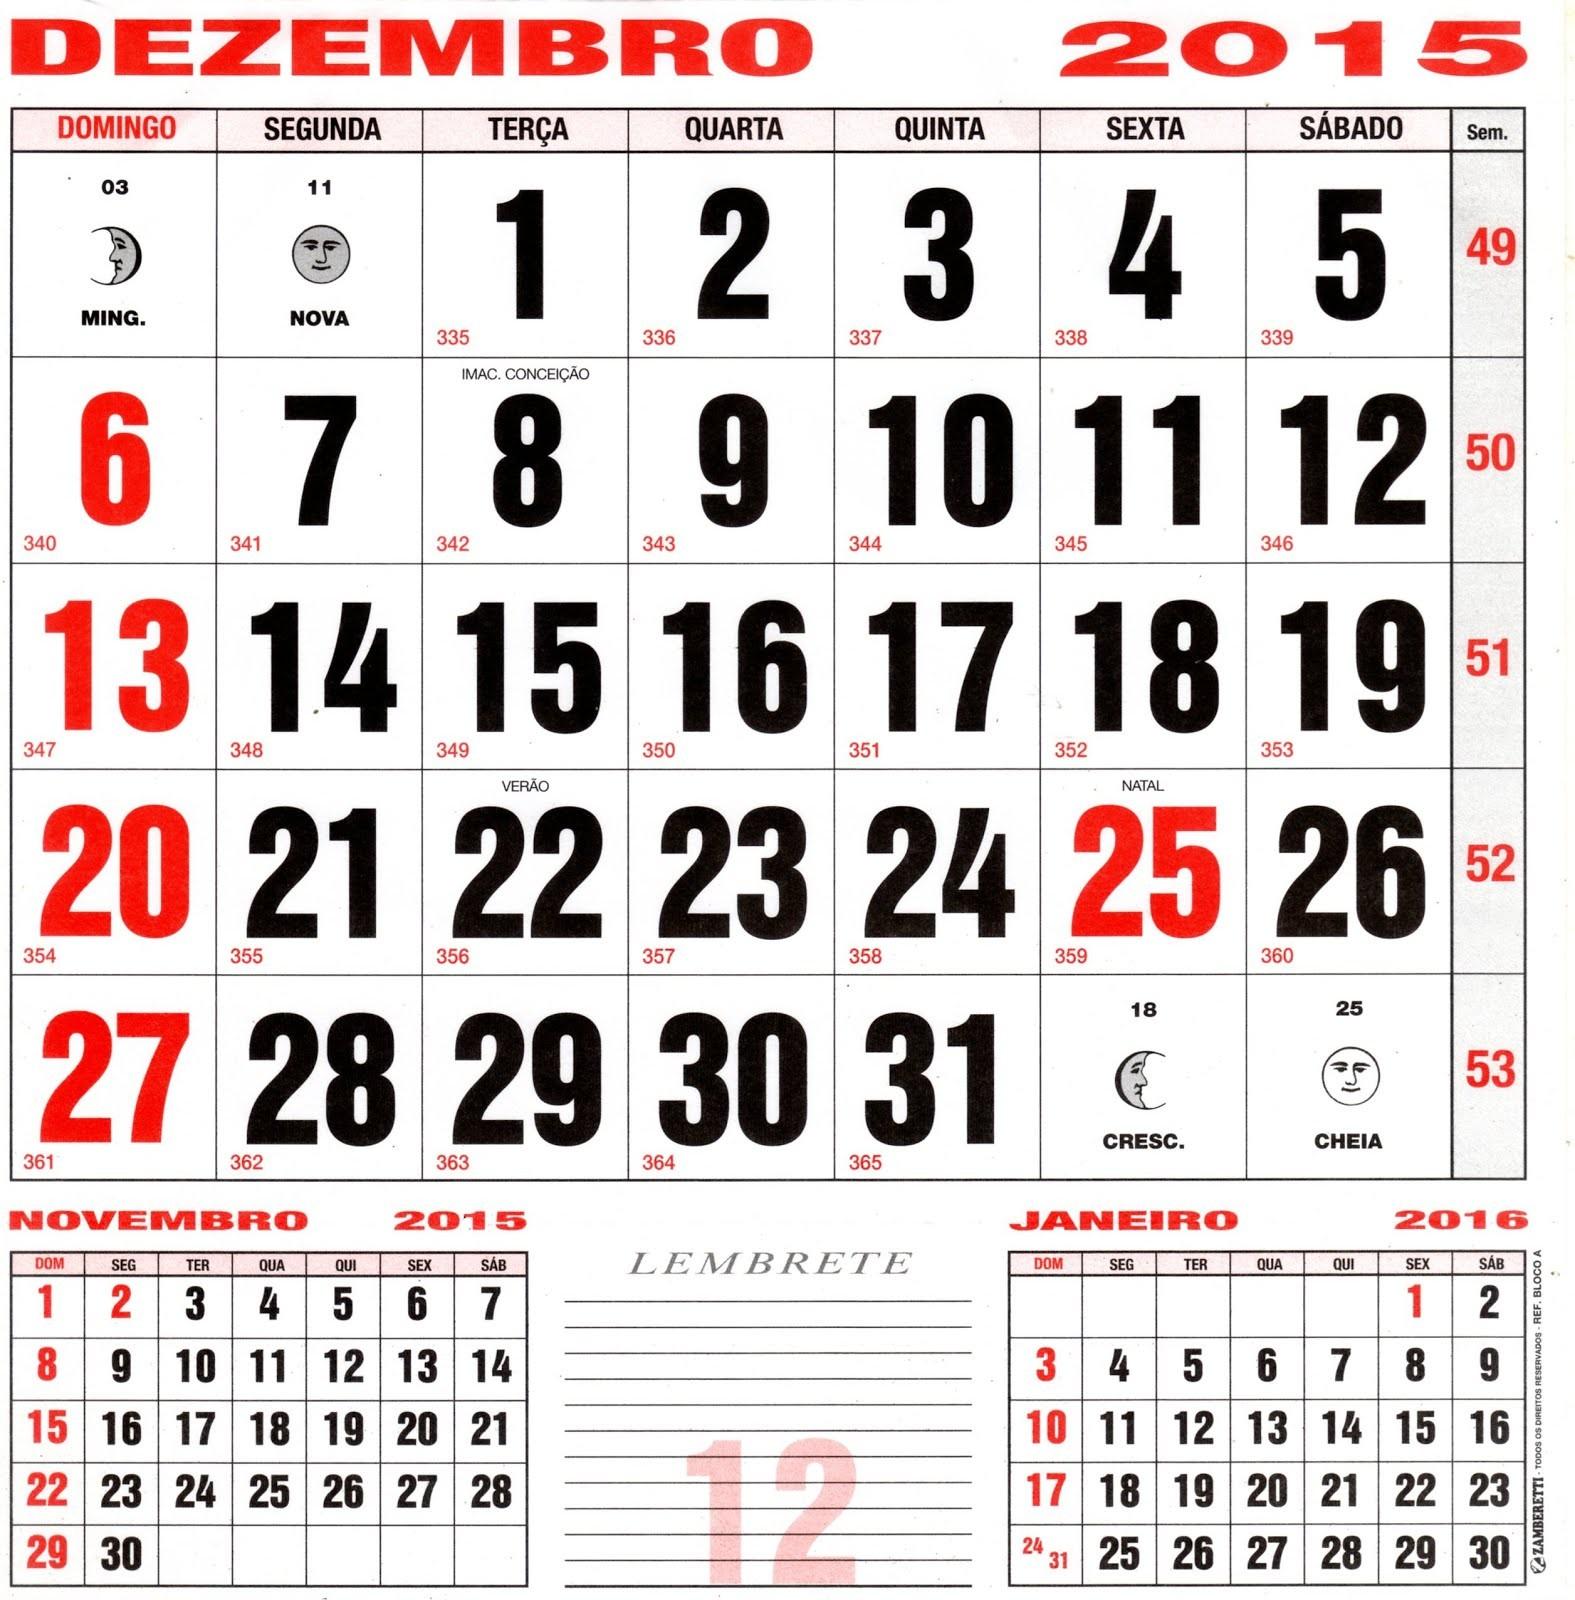 2 Dezembro 2015